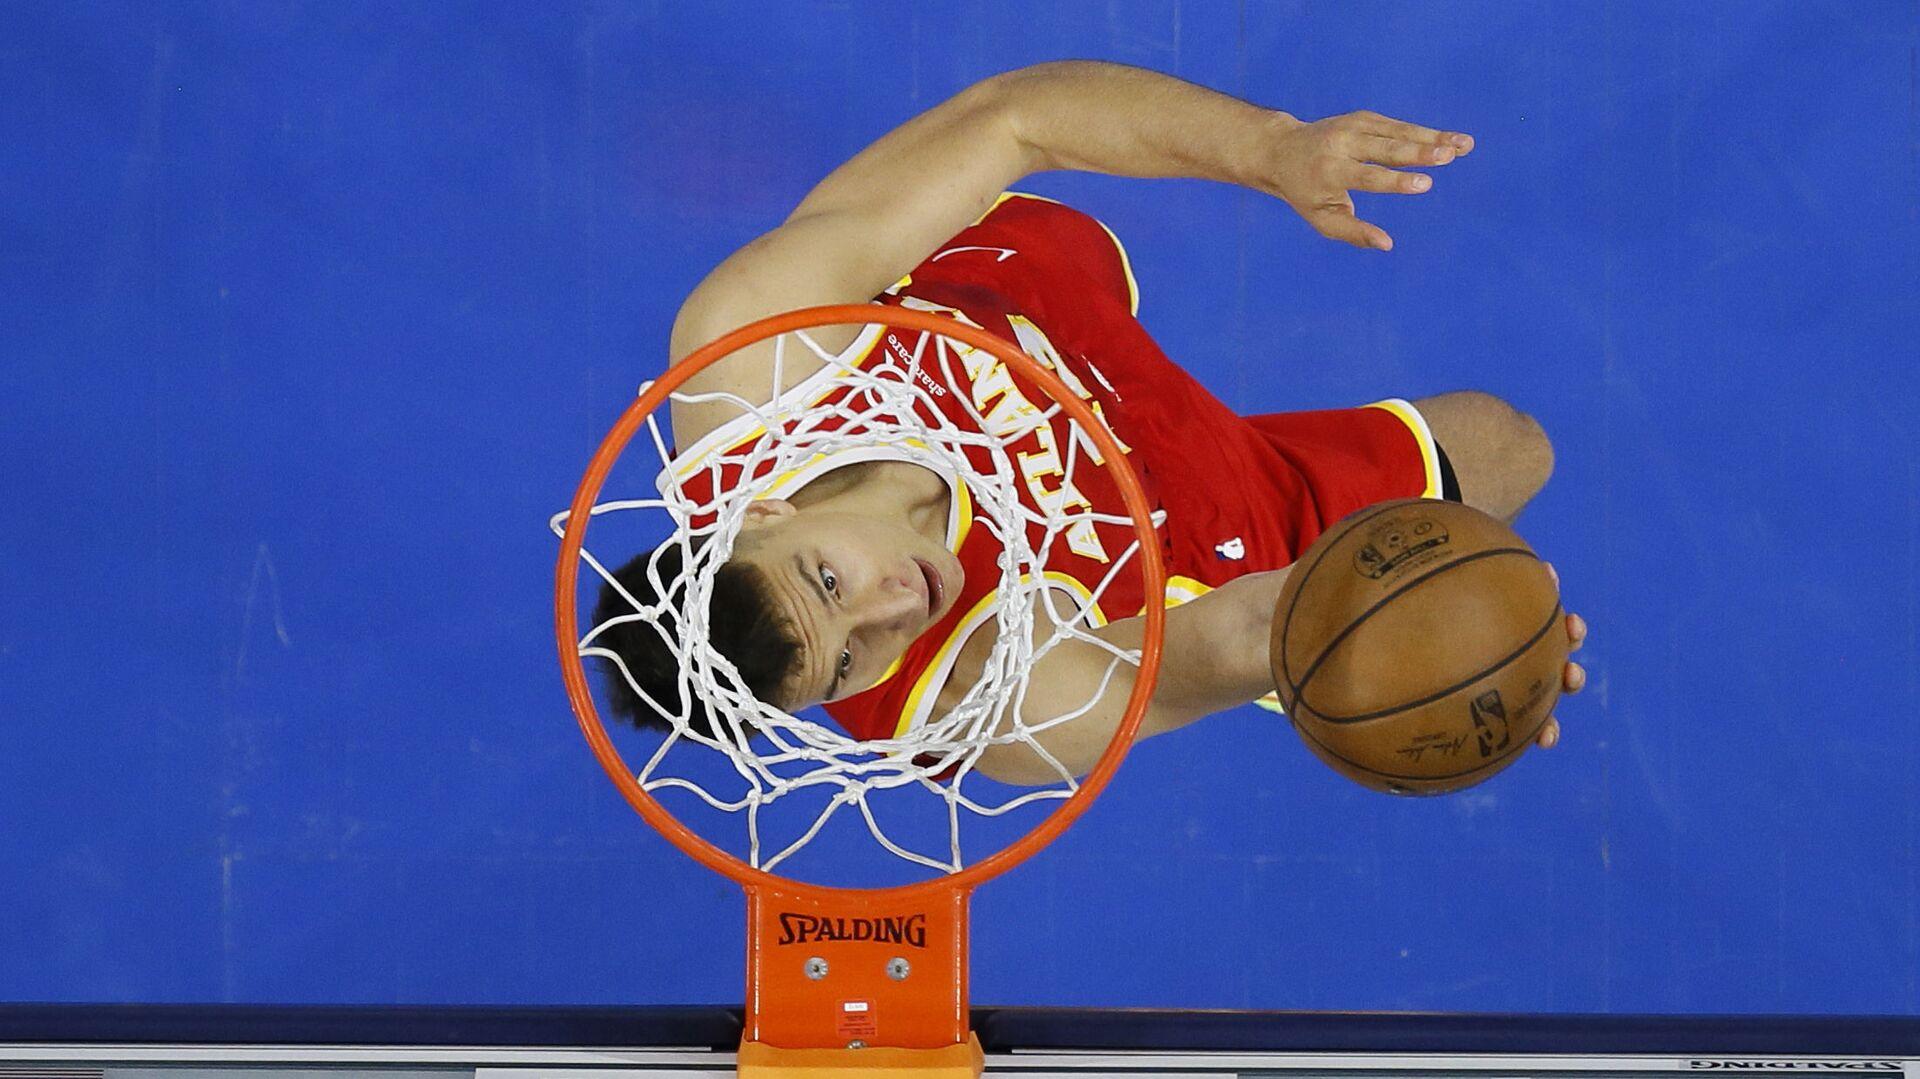 Un jugador de baloncesto (imagen referencial) - Sputnik Mundo, 1920, 29.09.2021